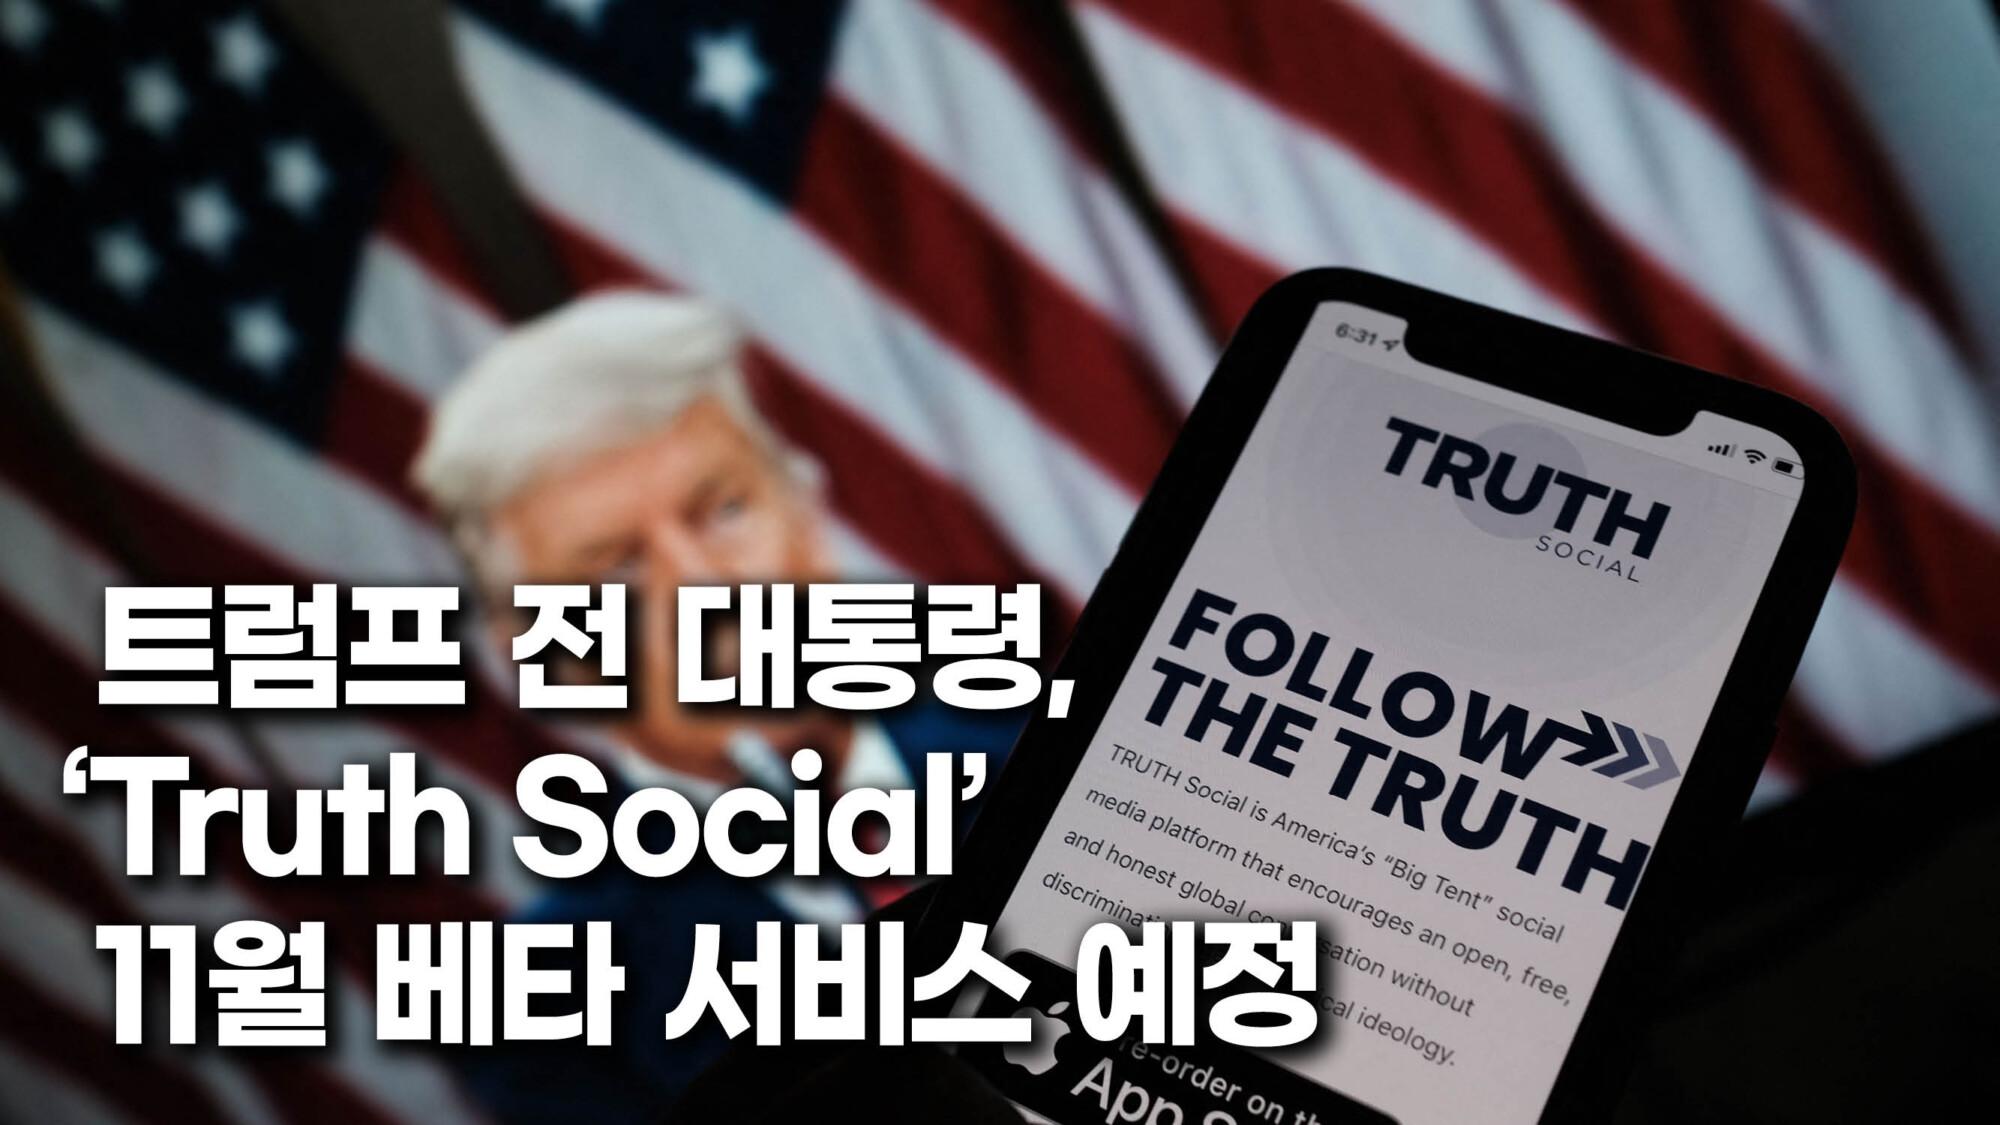 트럼프 전 대통령, SNS 플랫폼 'Truth Social'...11월에 베타 서비스 예정 [팩트매터]